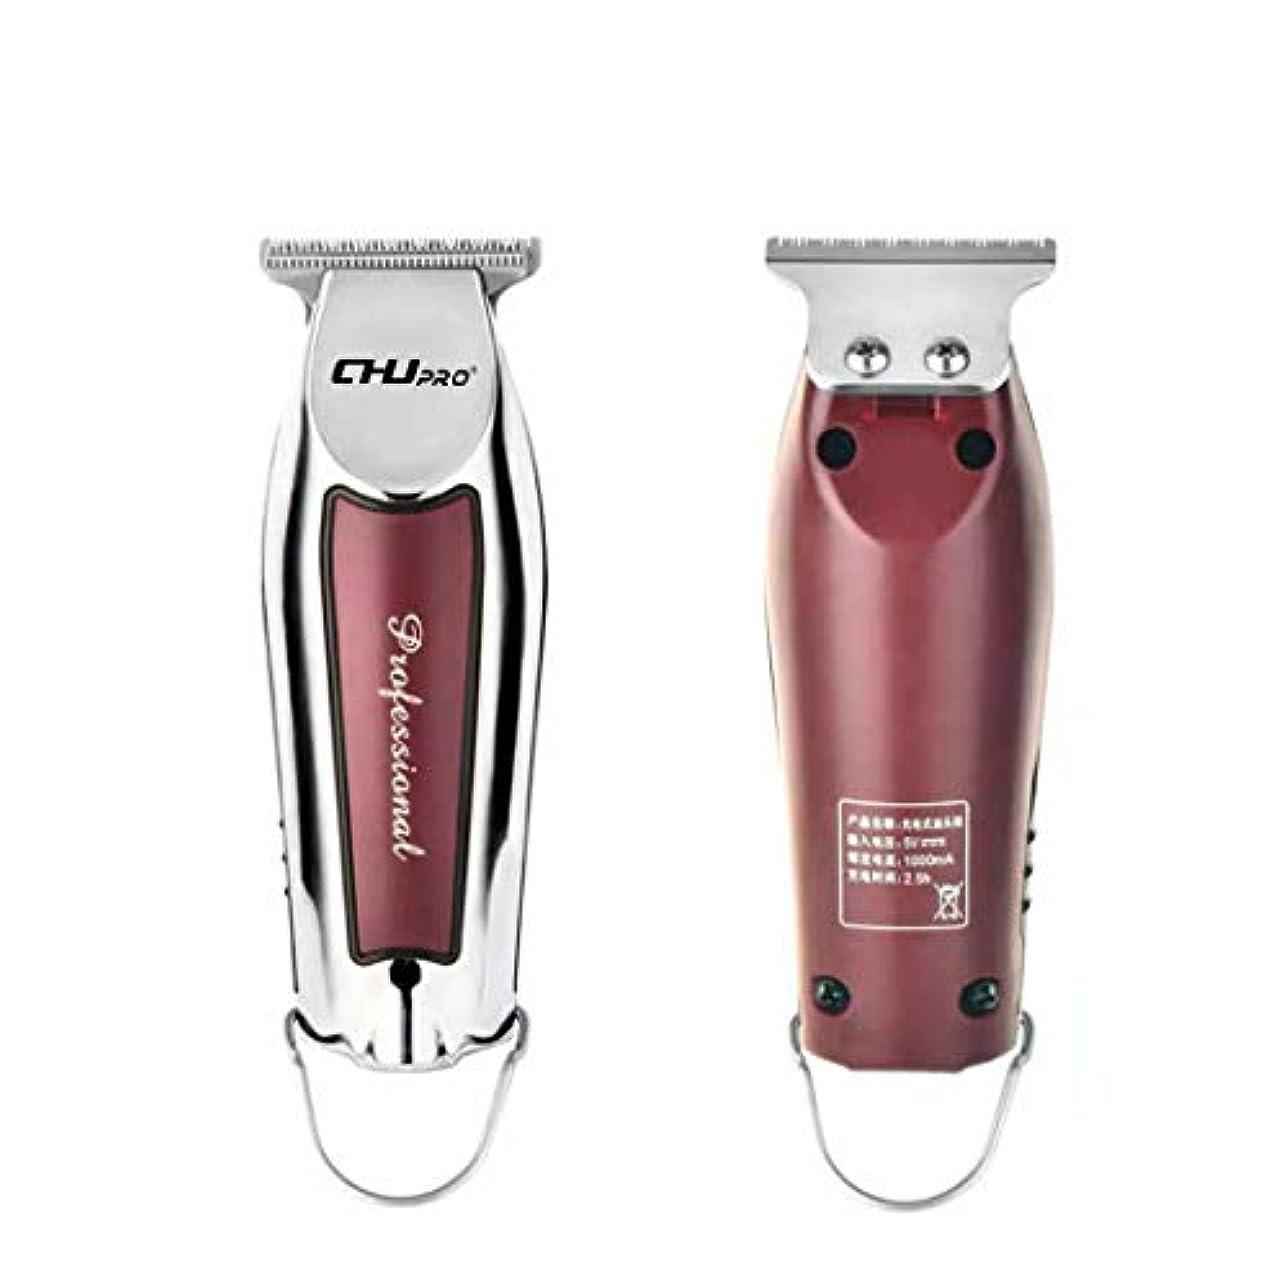 防衛エンディング材料MIOIM 電動シェーバー 深剃り 電動バリカン USB充電 ヘアカッター コードレス 刈り高さ調節可能 メンズ バリカンこども用 持ち運び 家庭用 業務用